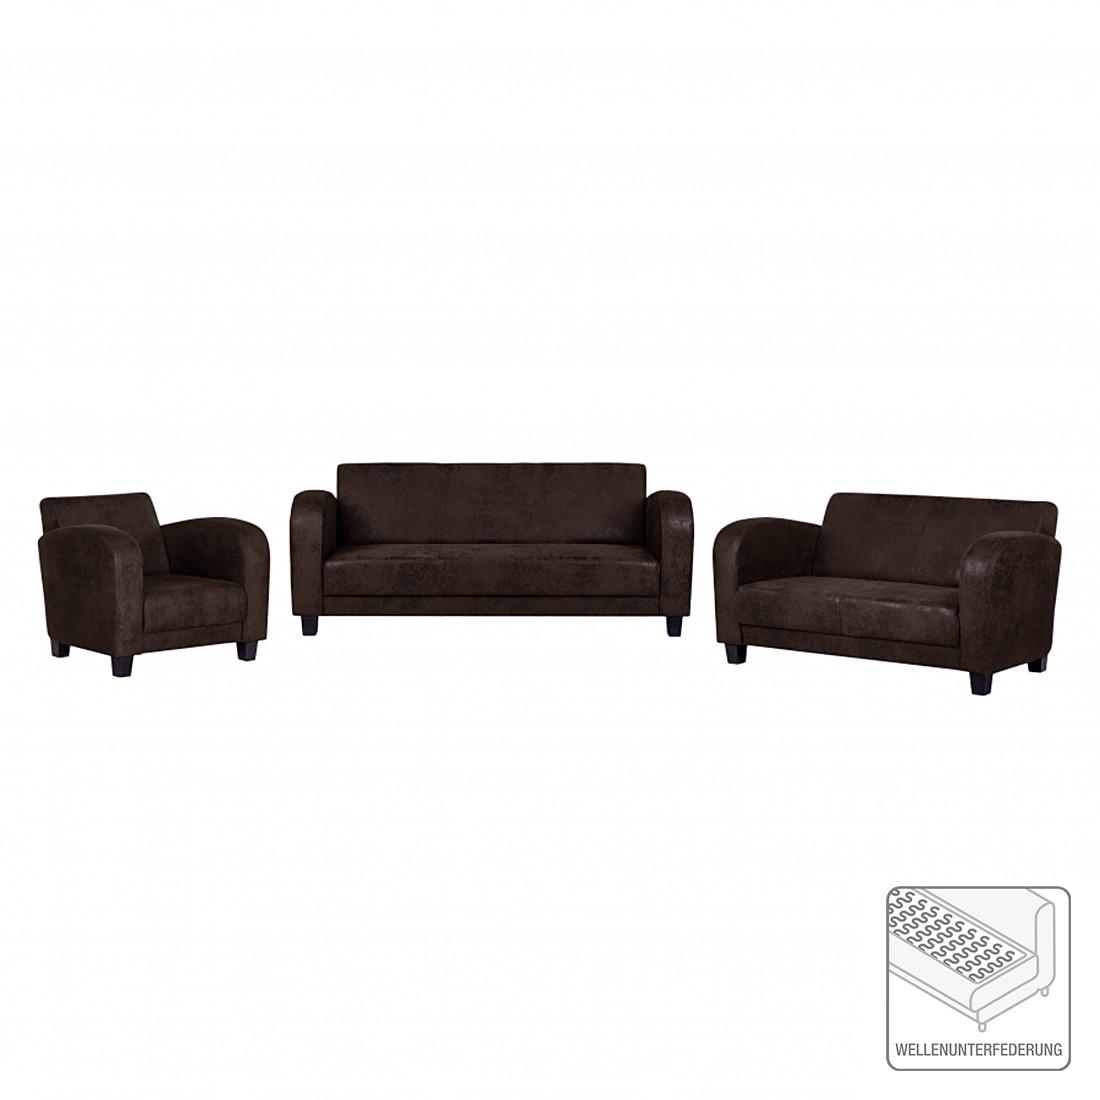 Canapé panoramique Tullow (3 -2 -1) - Aspect vieux cuir marron foncé, ars manufacti